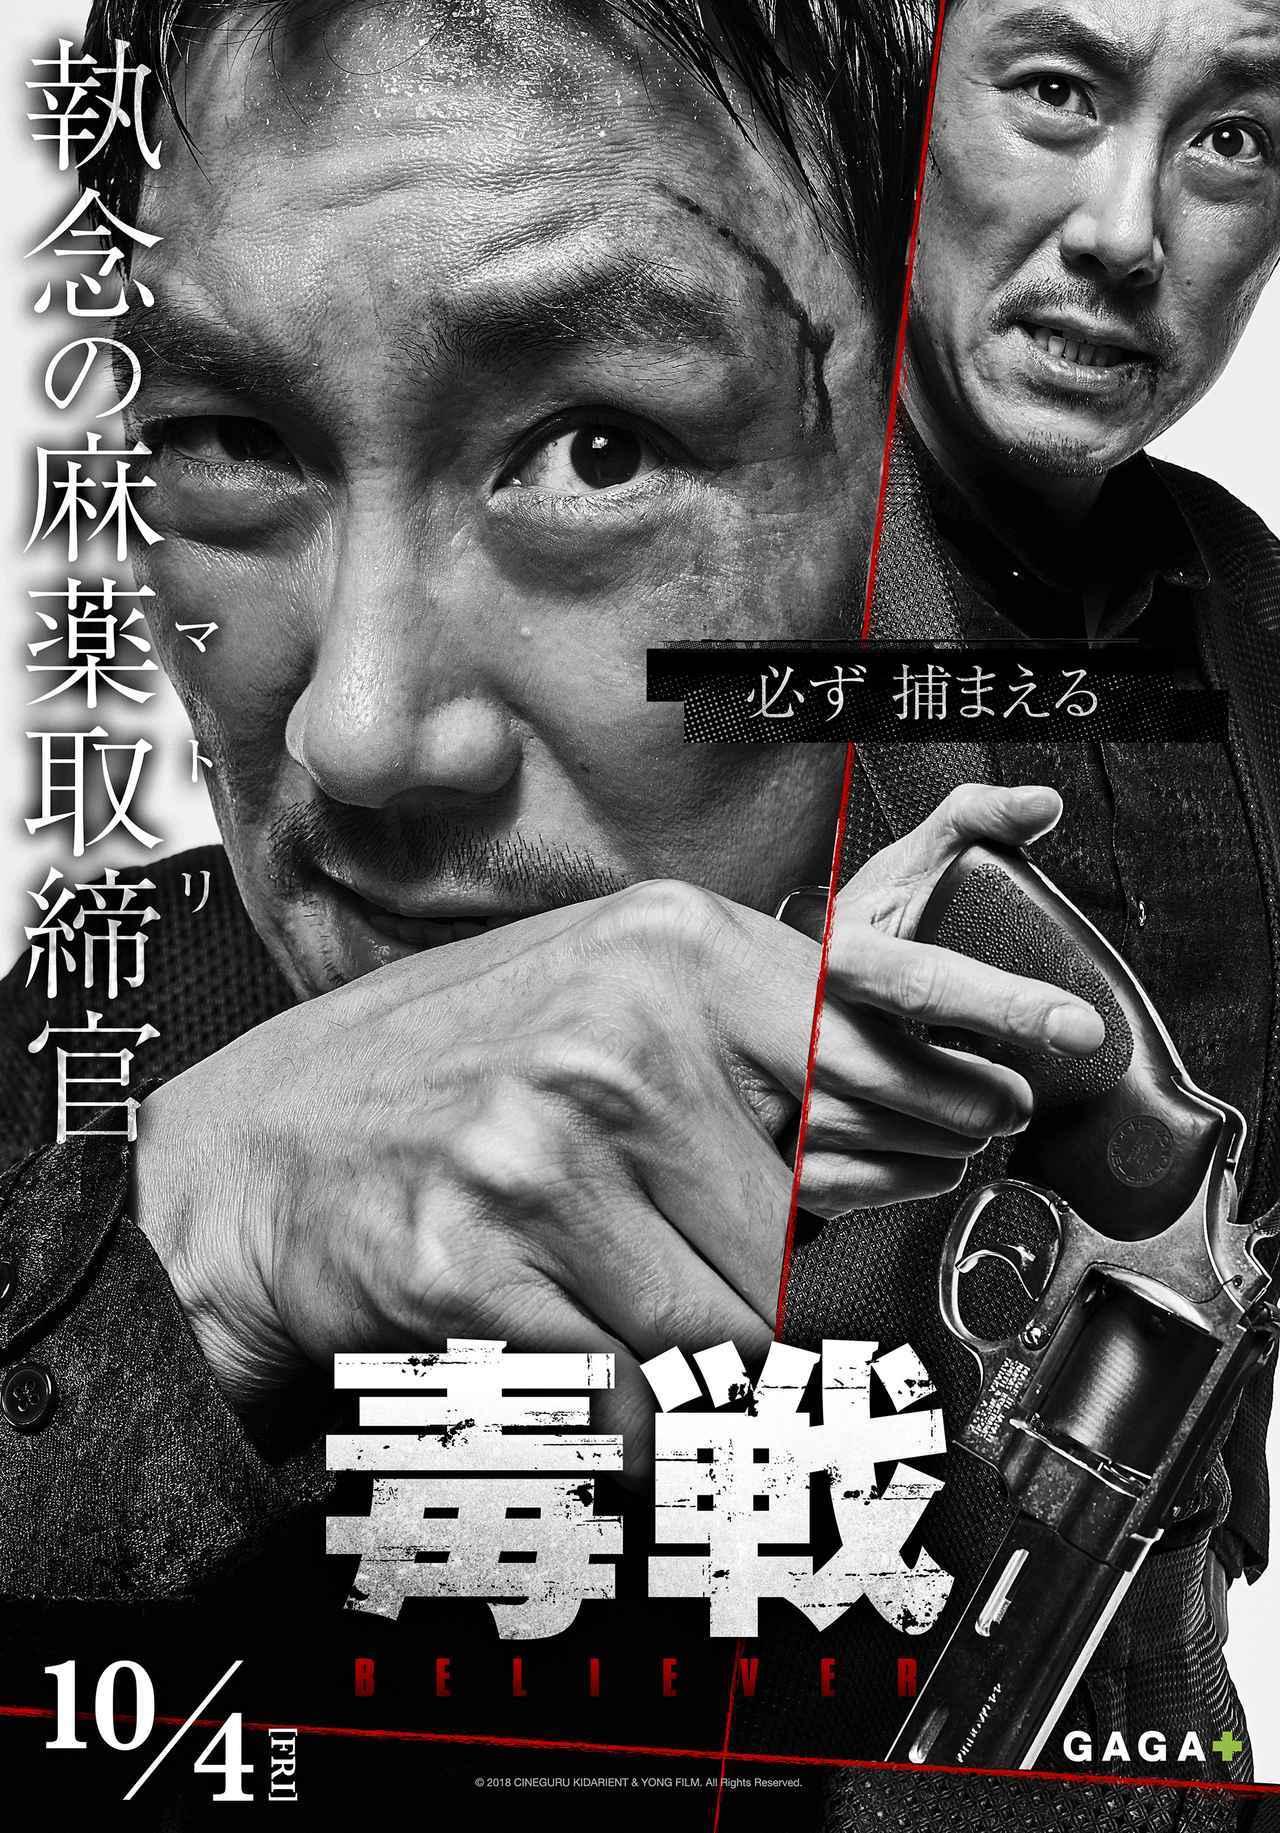 画像2: © 2018 CINEGURU KIDARIENT & YONG FILM. All Rights Reserved.